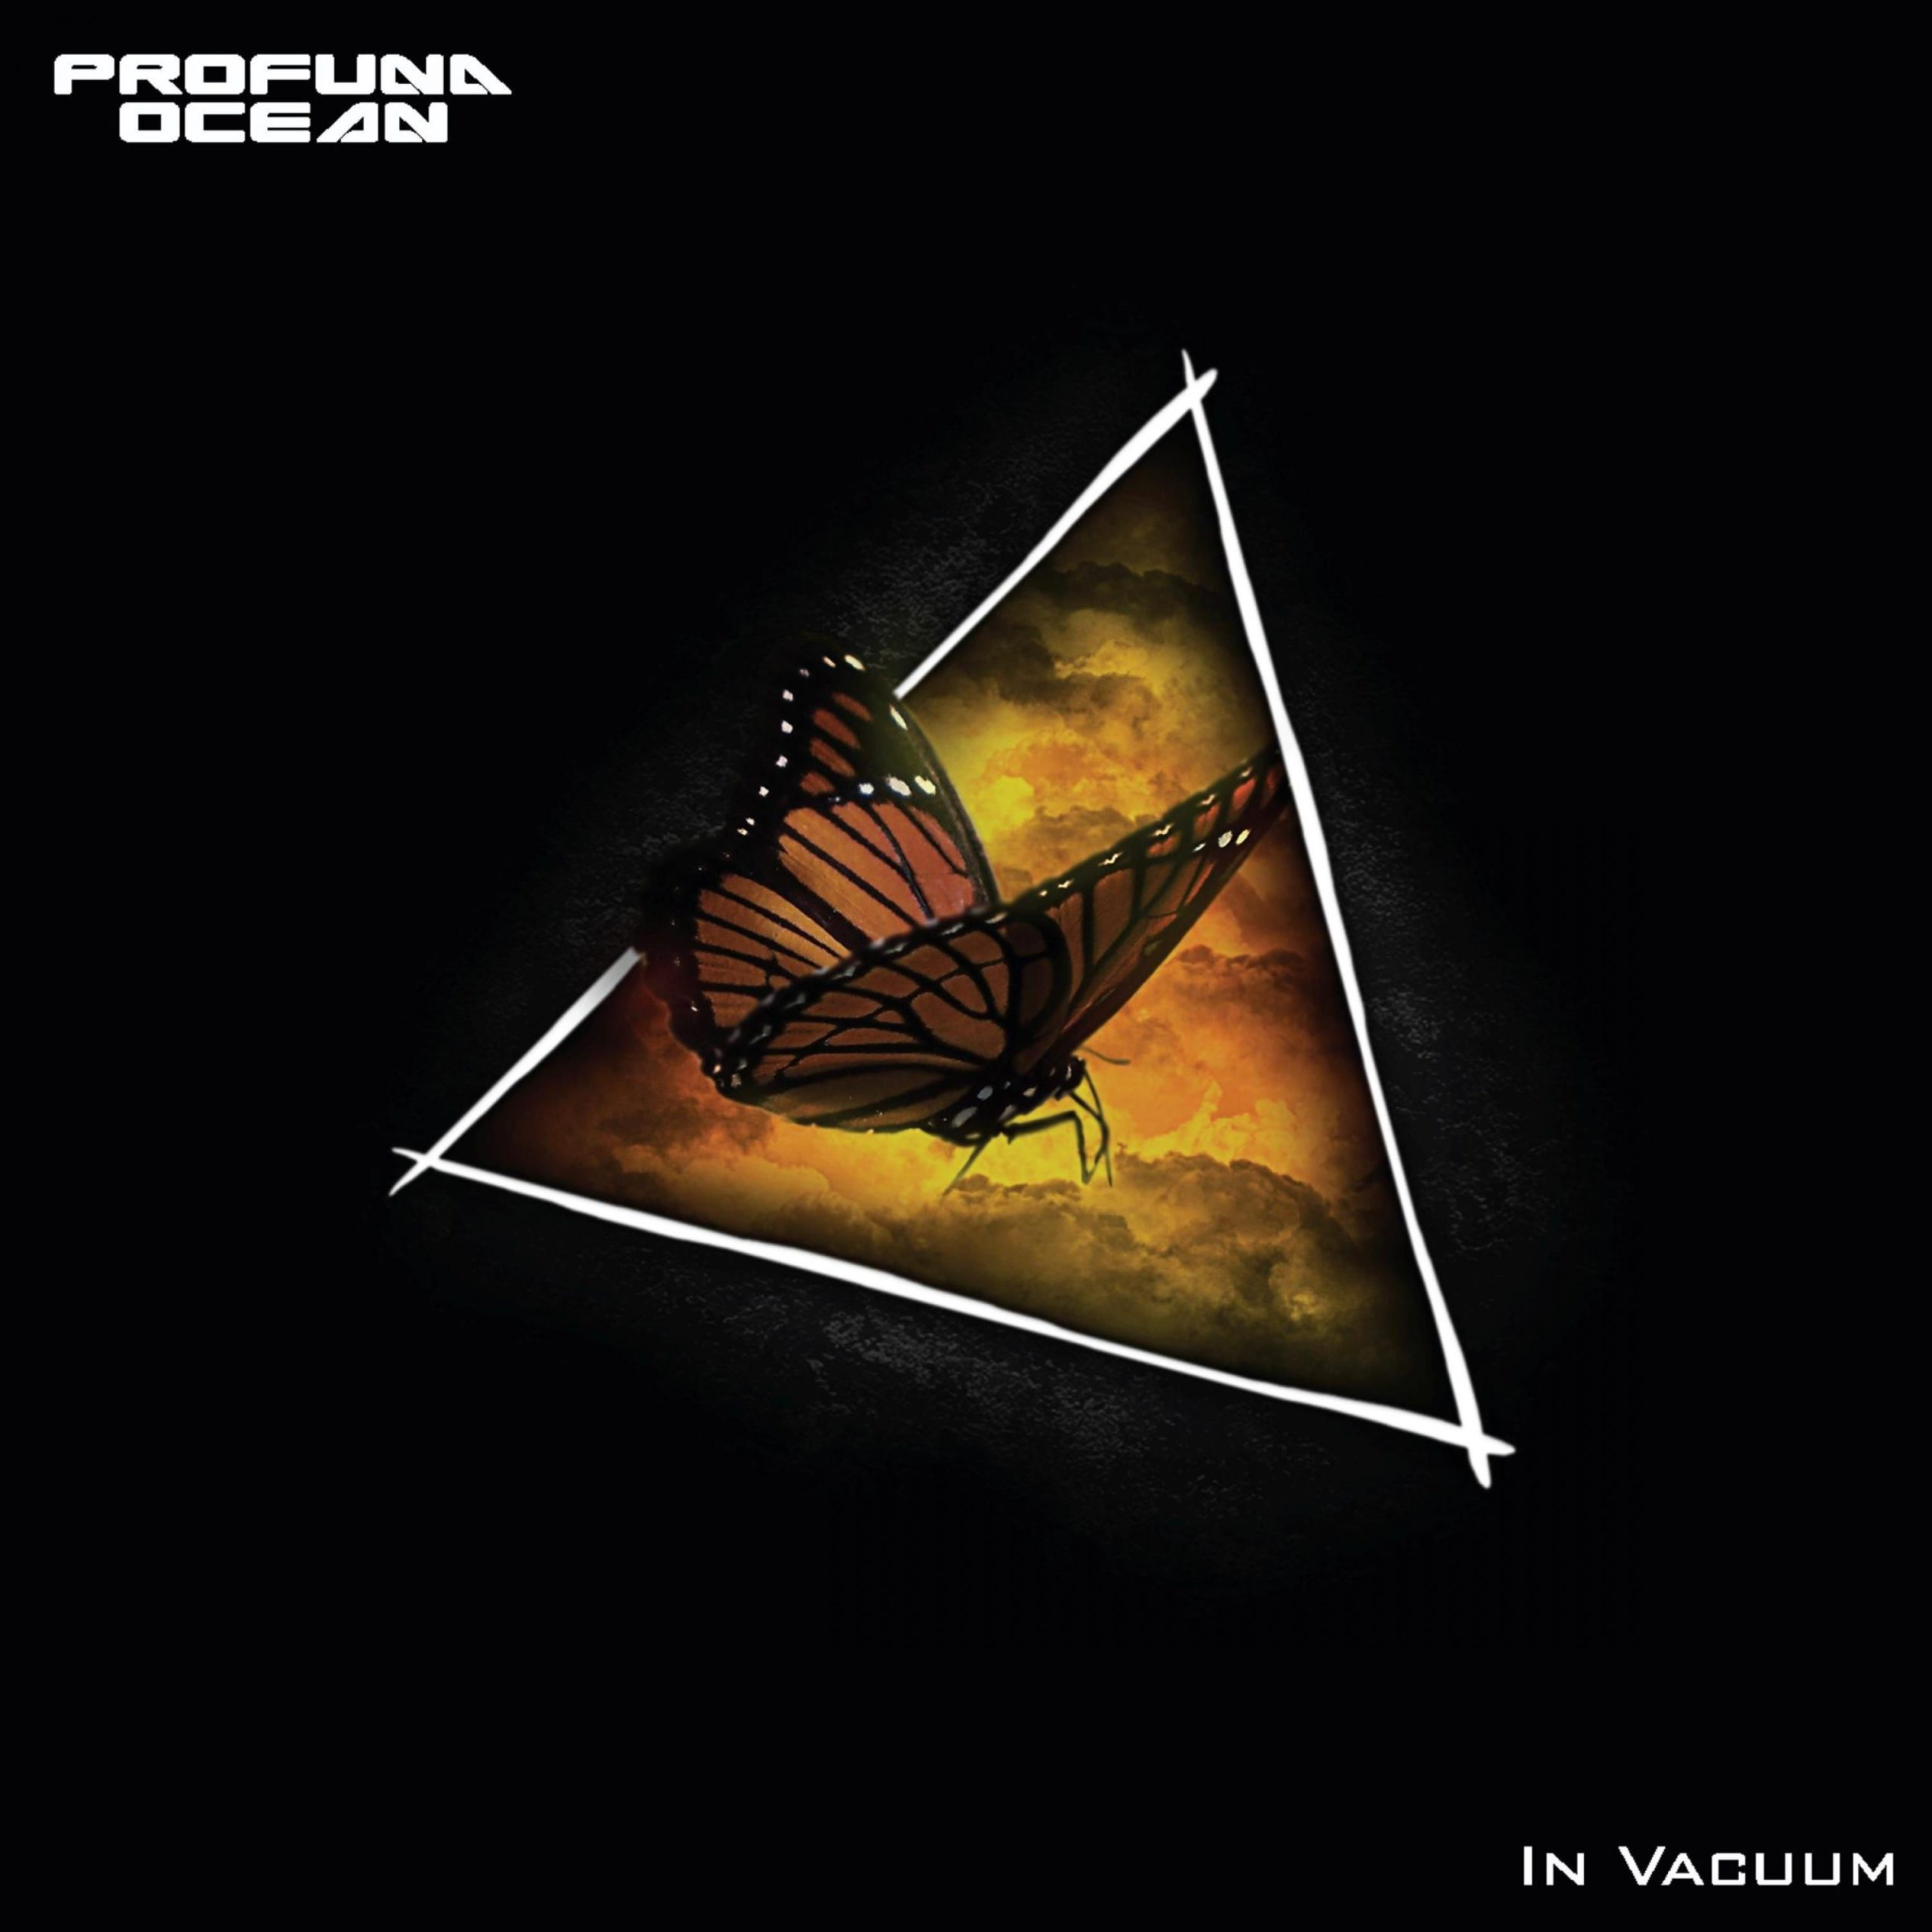 Profuna Ocean: In Vacuum